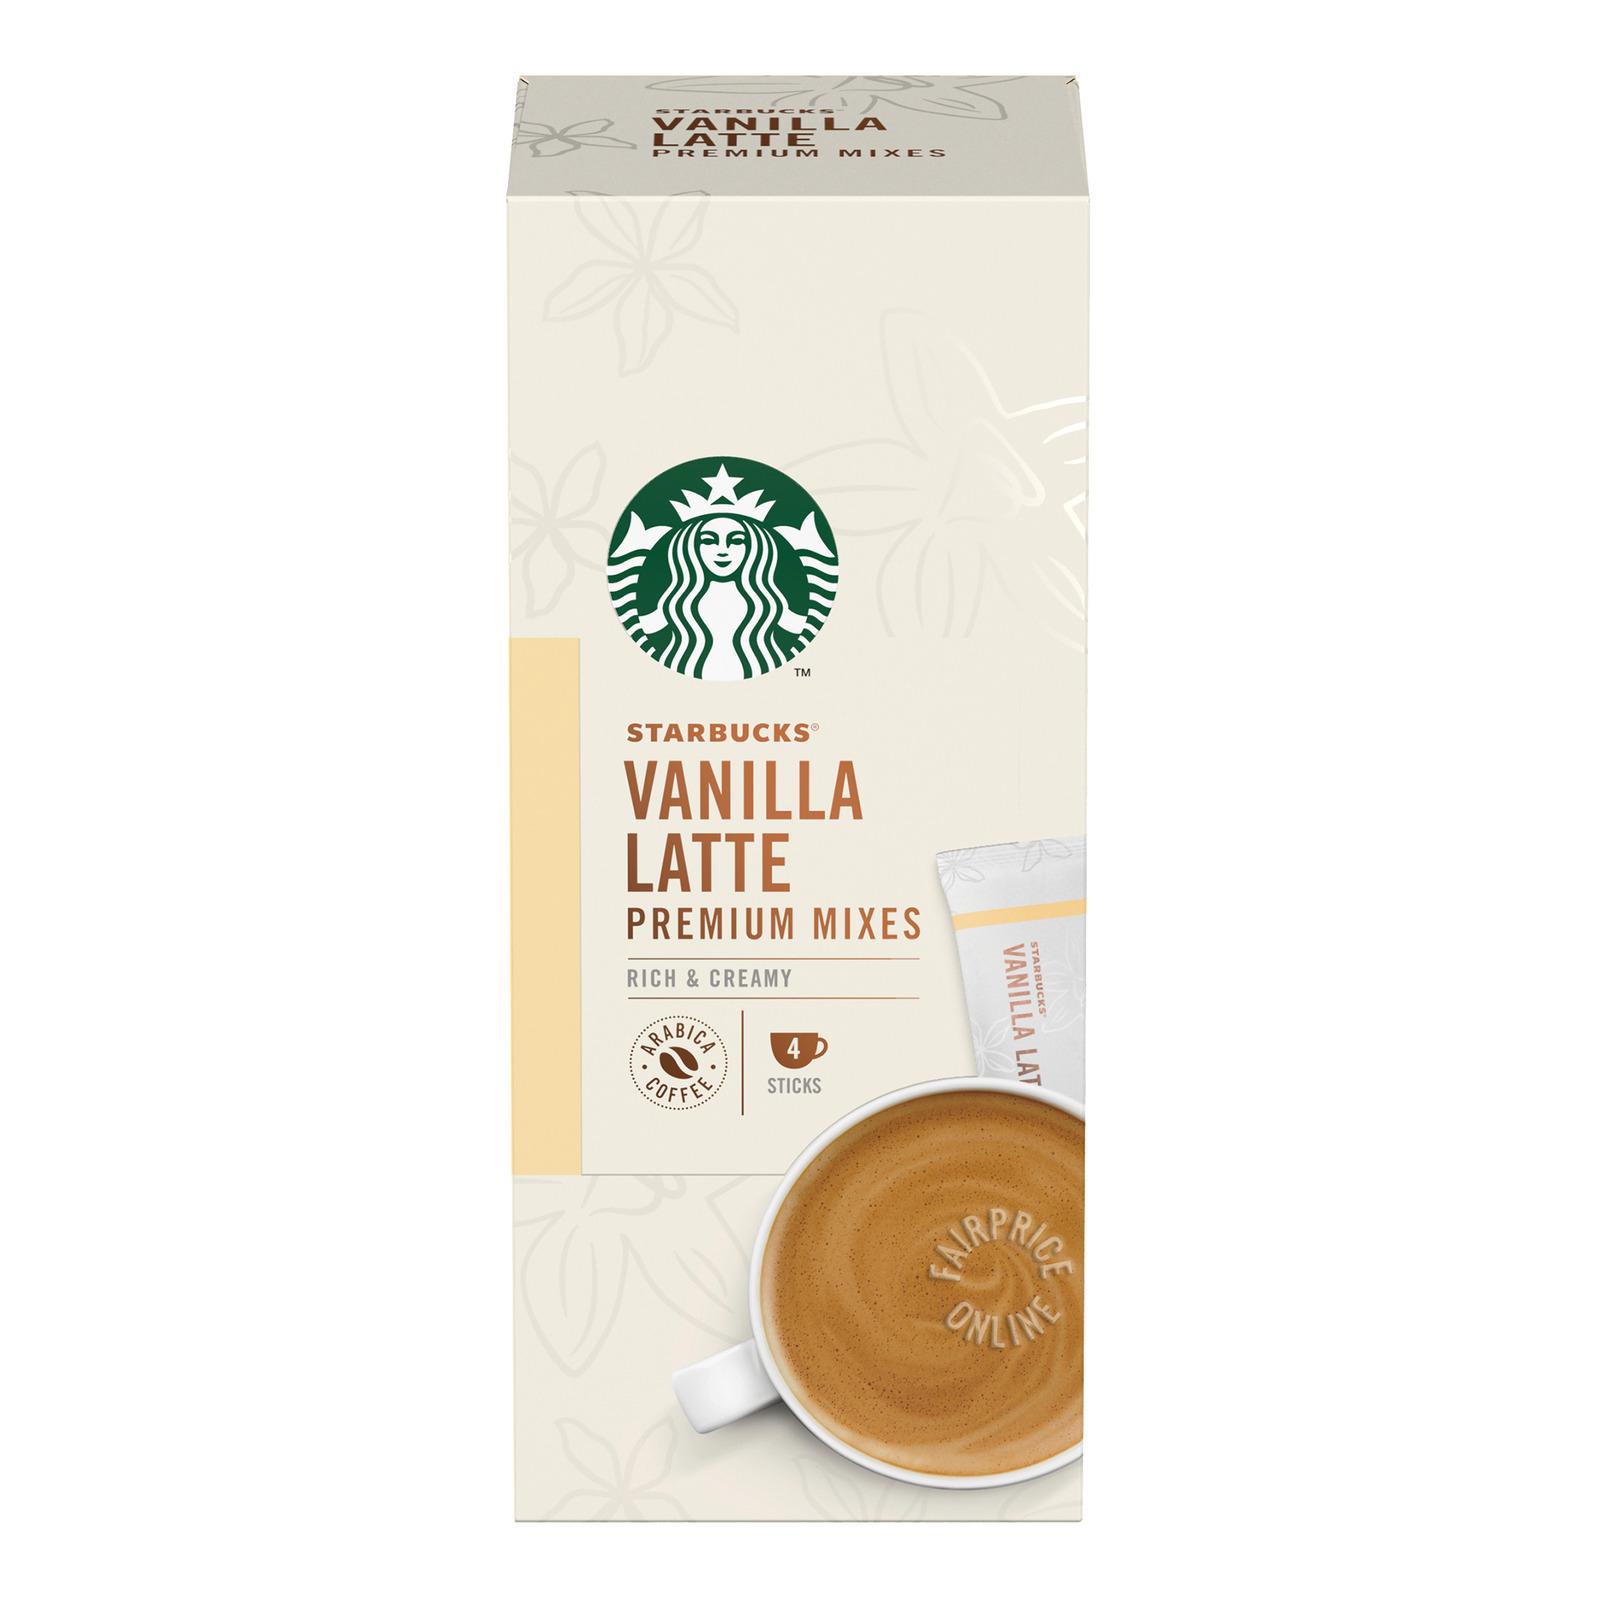 Starbucks Instant Premium Mixes - Vanilla Latte